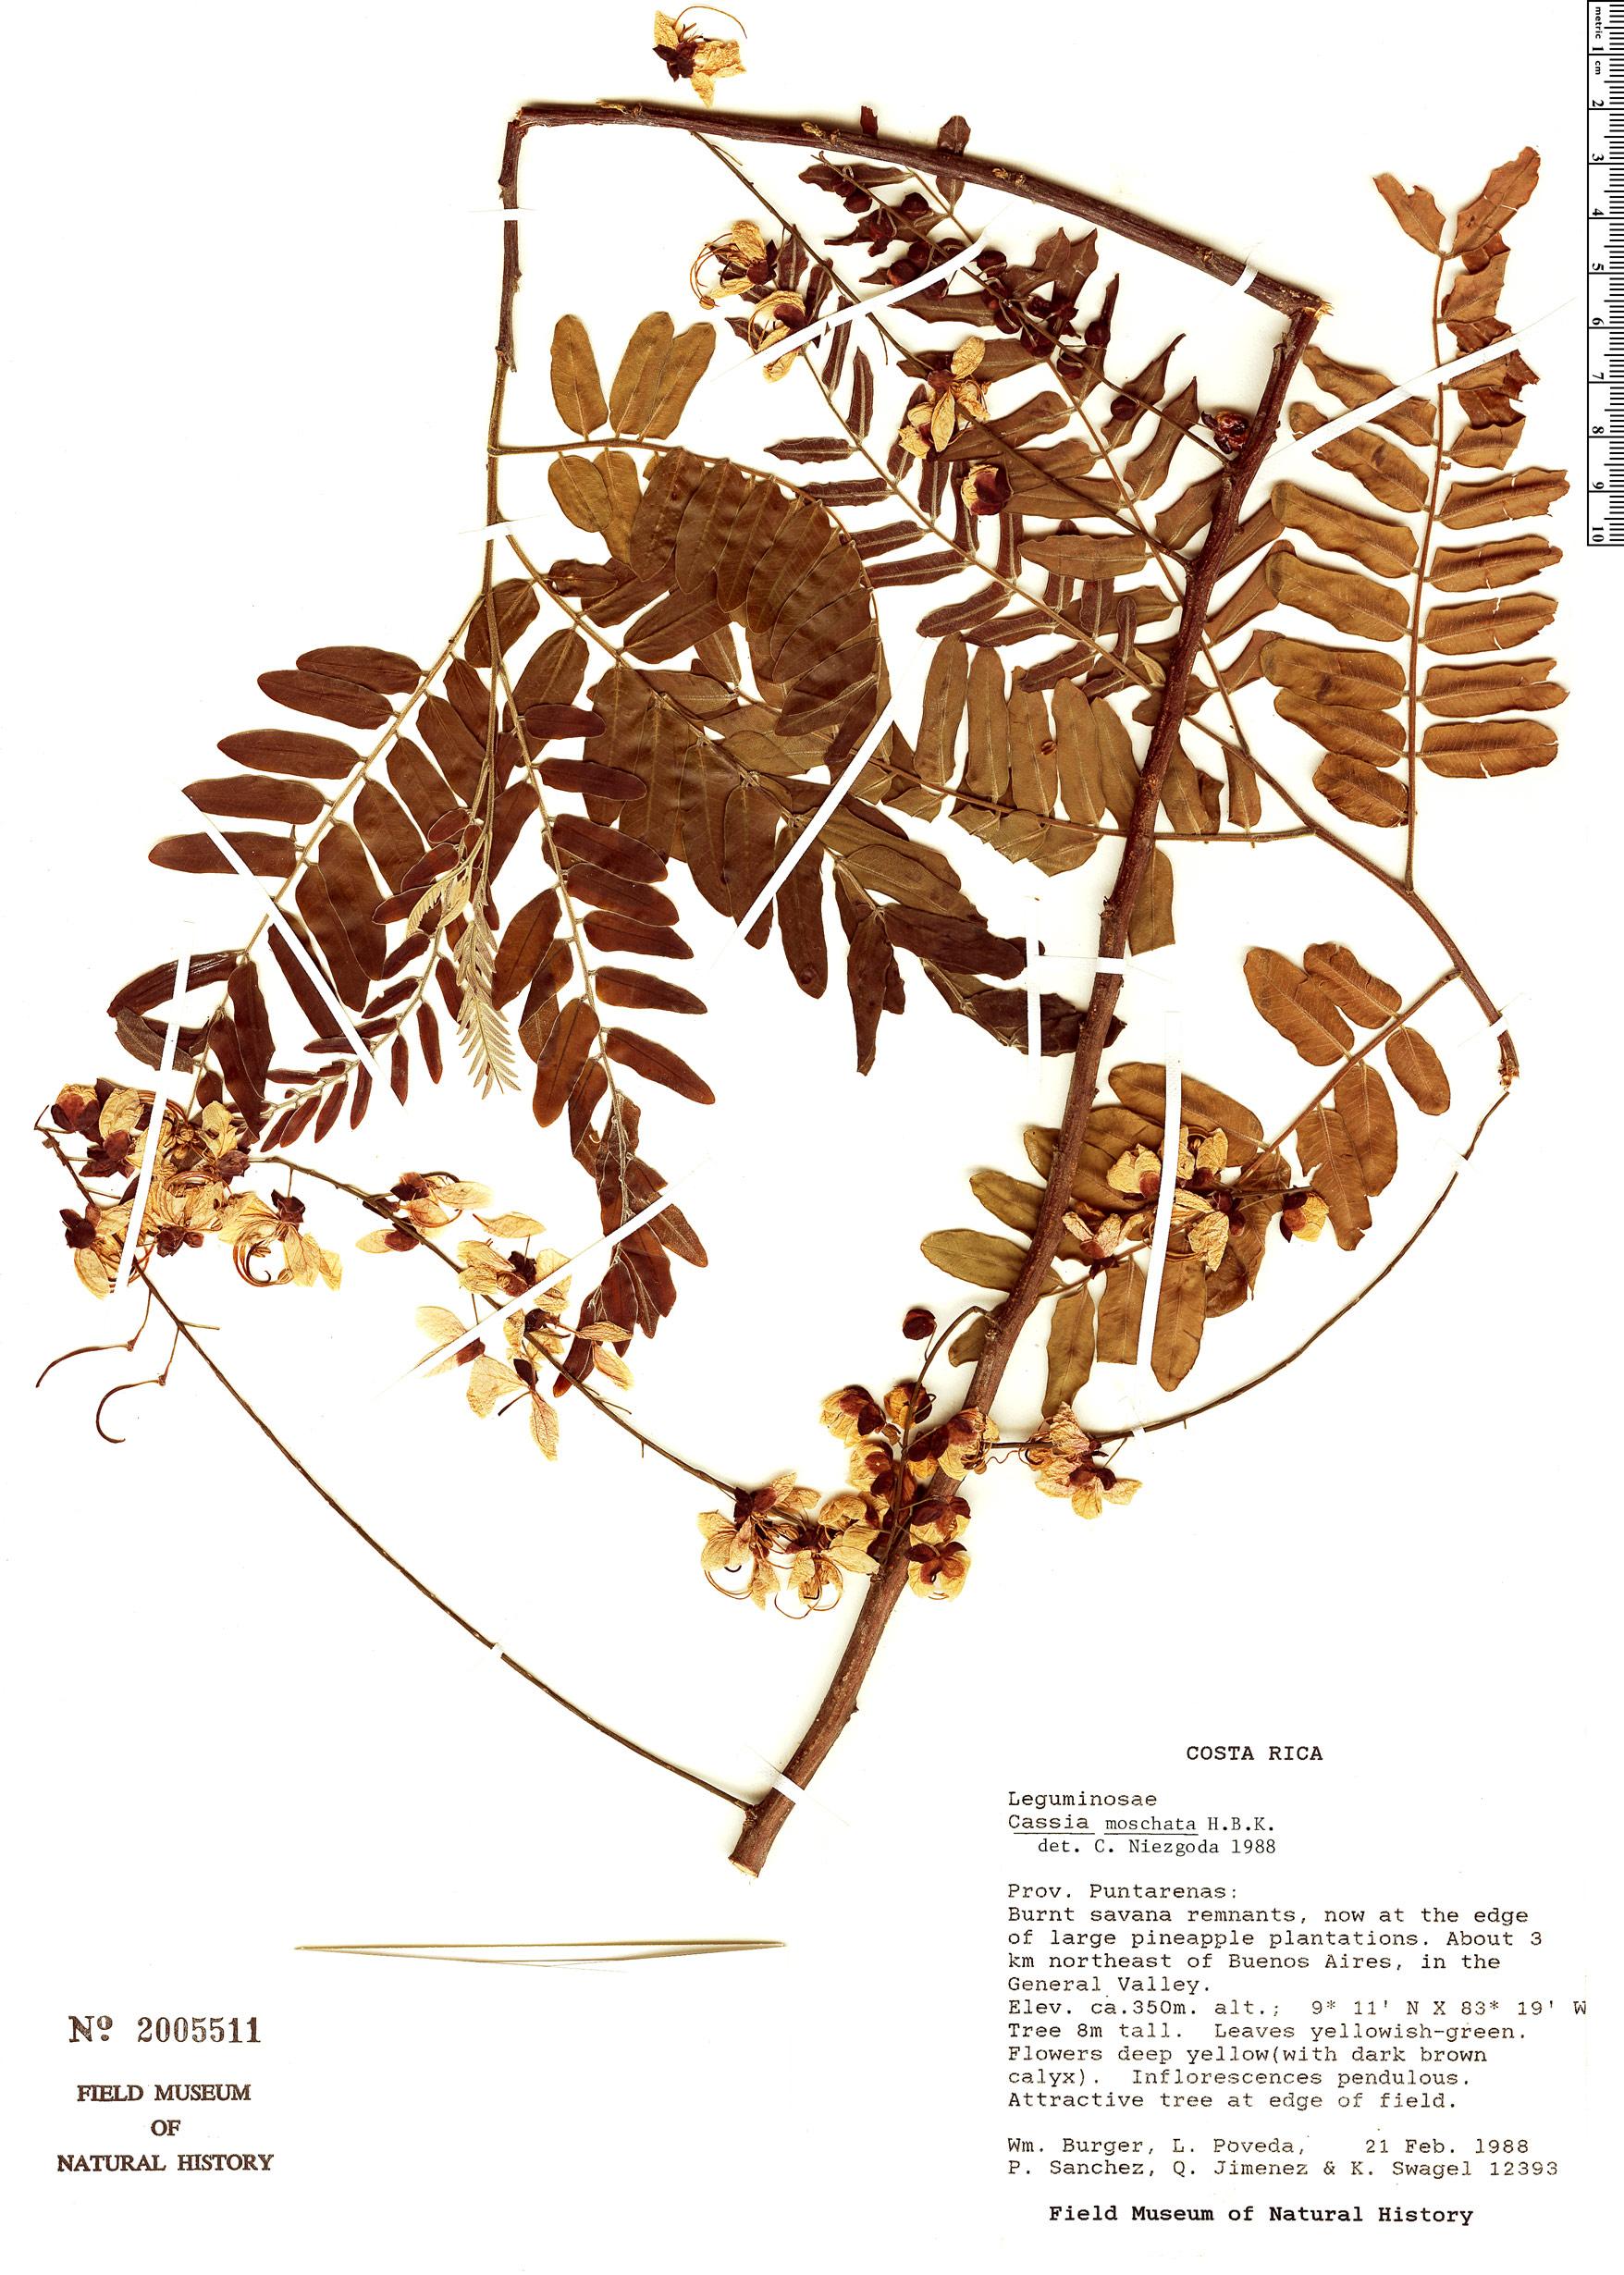 Specimen: Cassia moschata